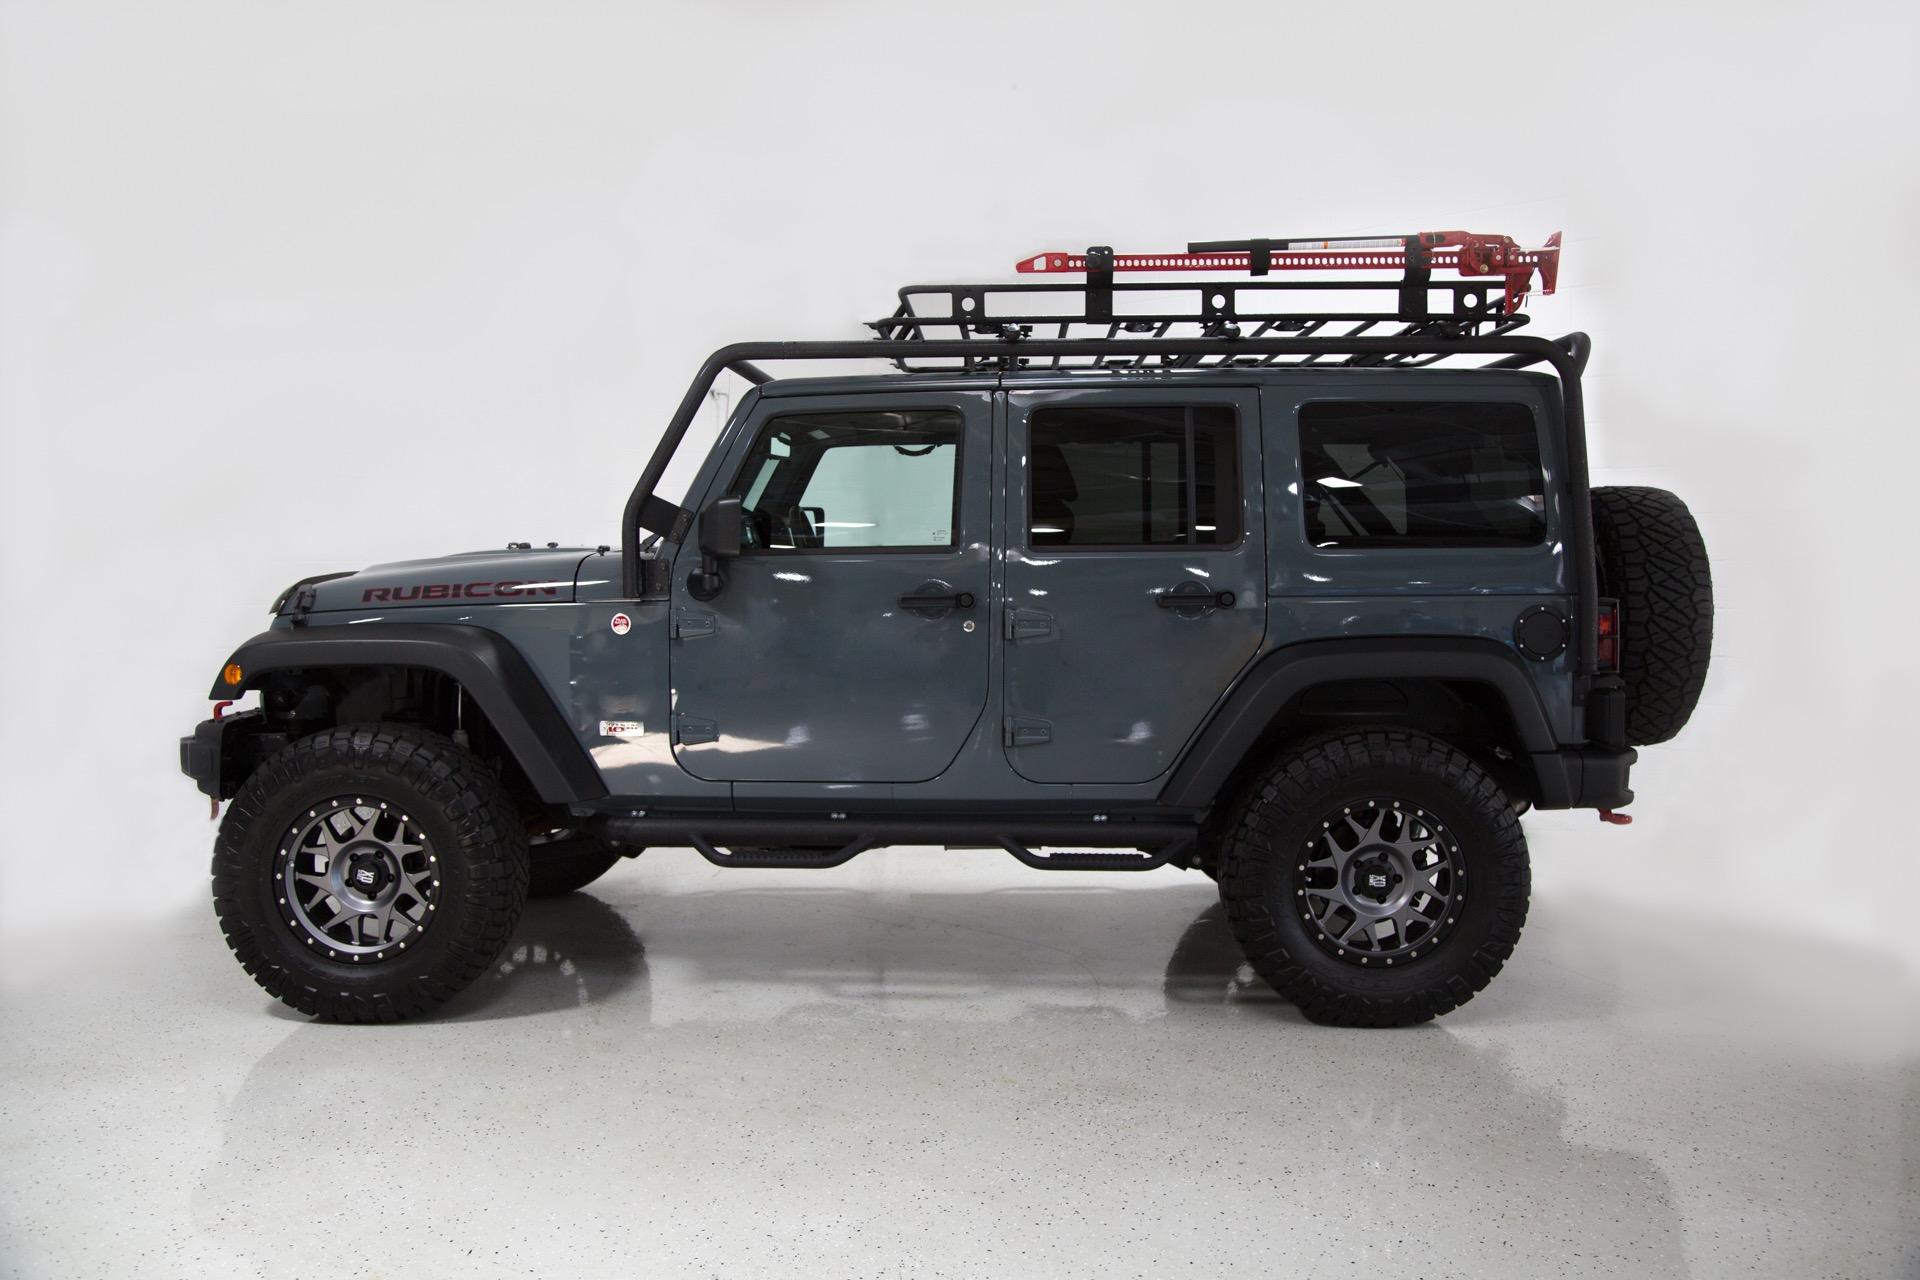 2013 Jeep Wrangler Unlimited Rubicon 10th Anniversary